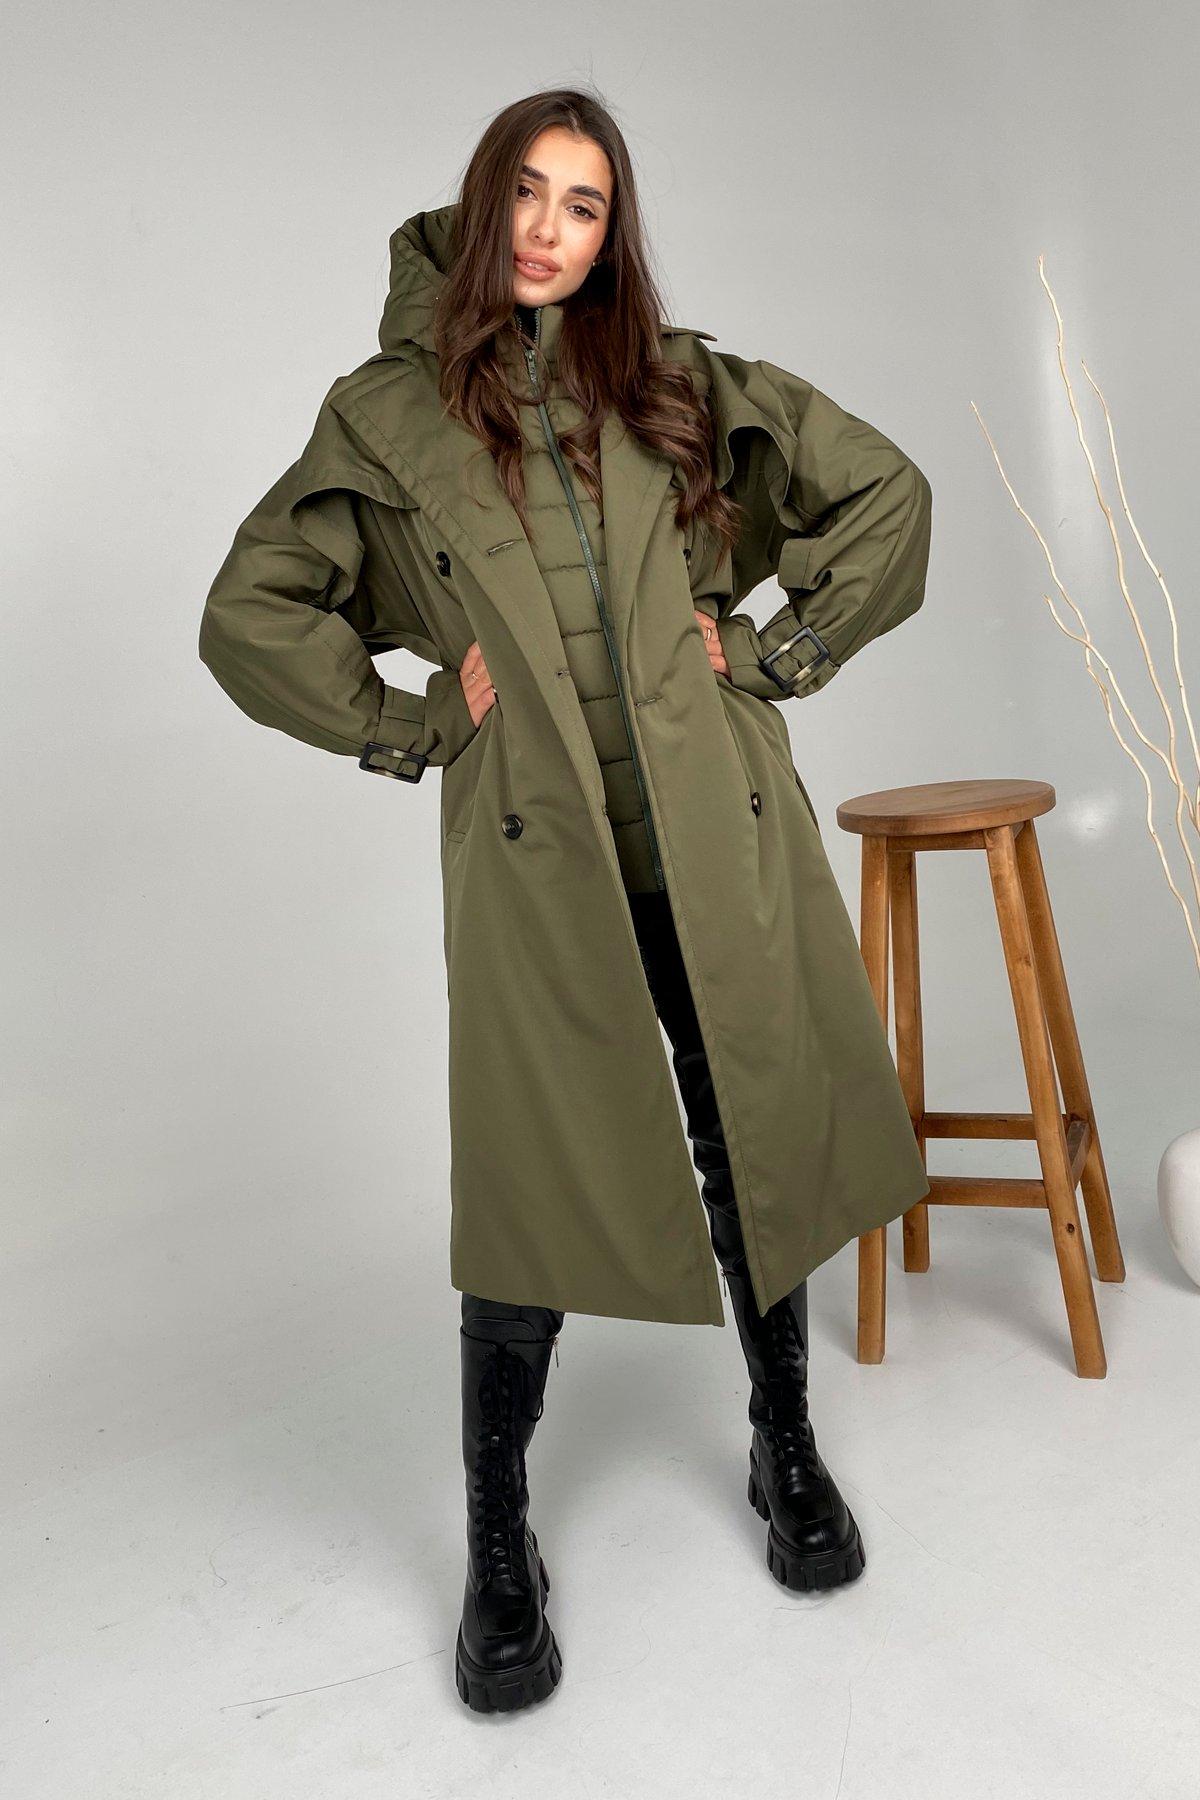 Демисезонное пальто от производителя Modus Шик тренч плотный однотонный   Желет 10300